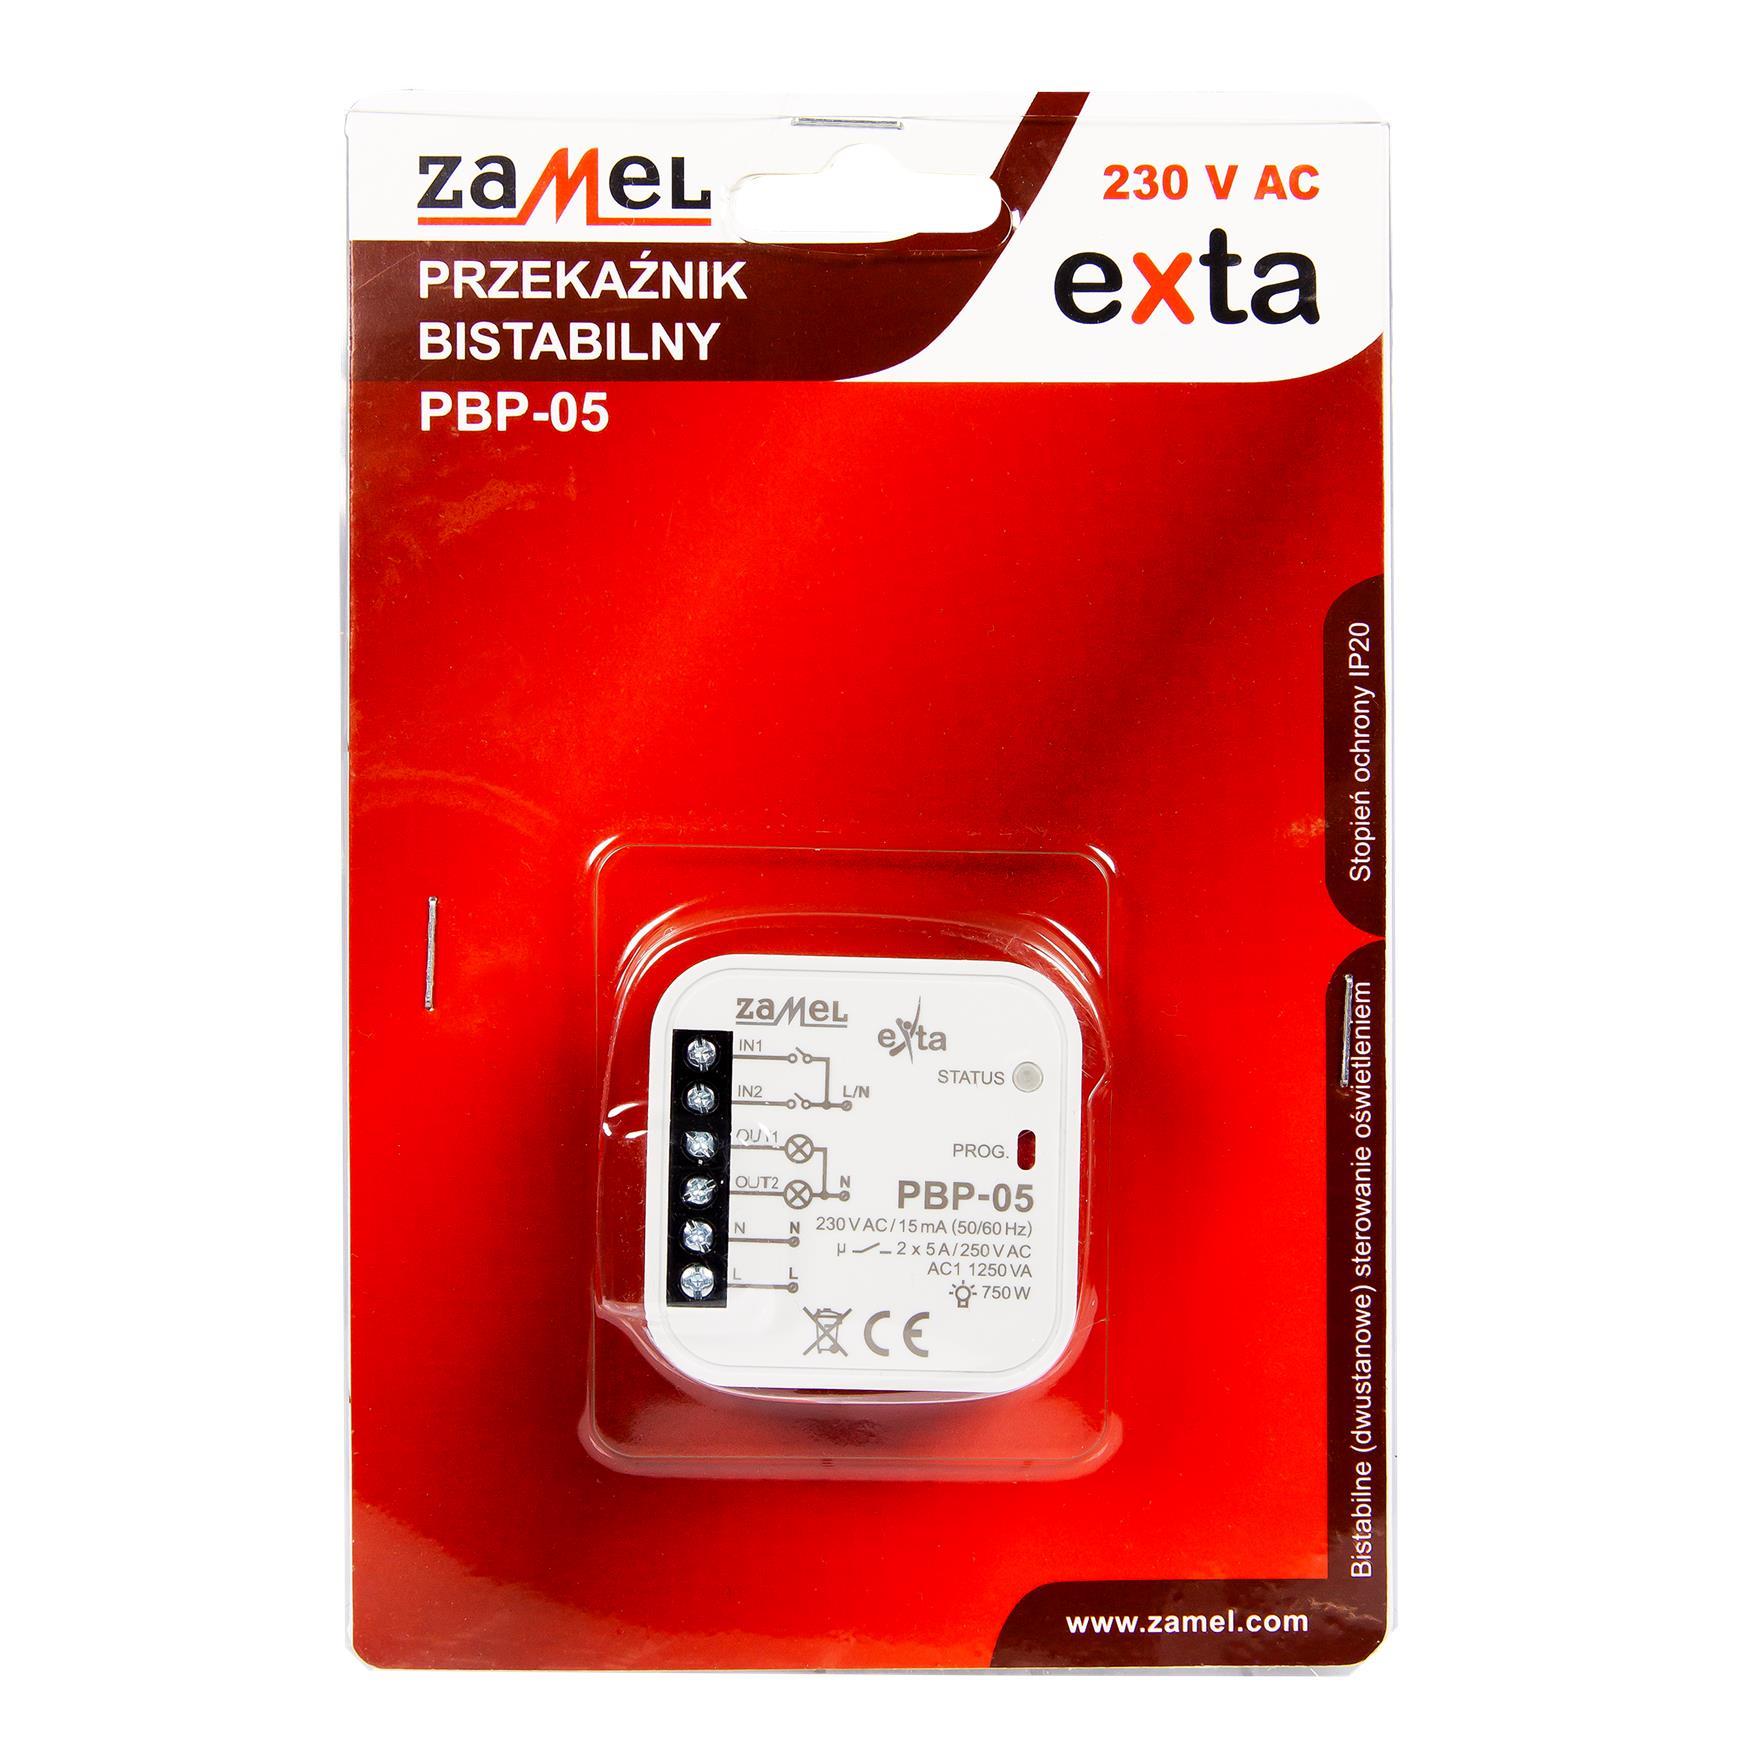 EXTA_PBP-05_Przekaznik_bistabilny_05